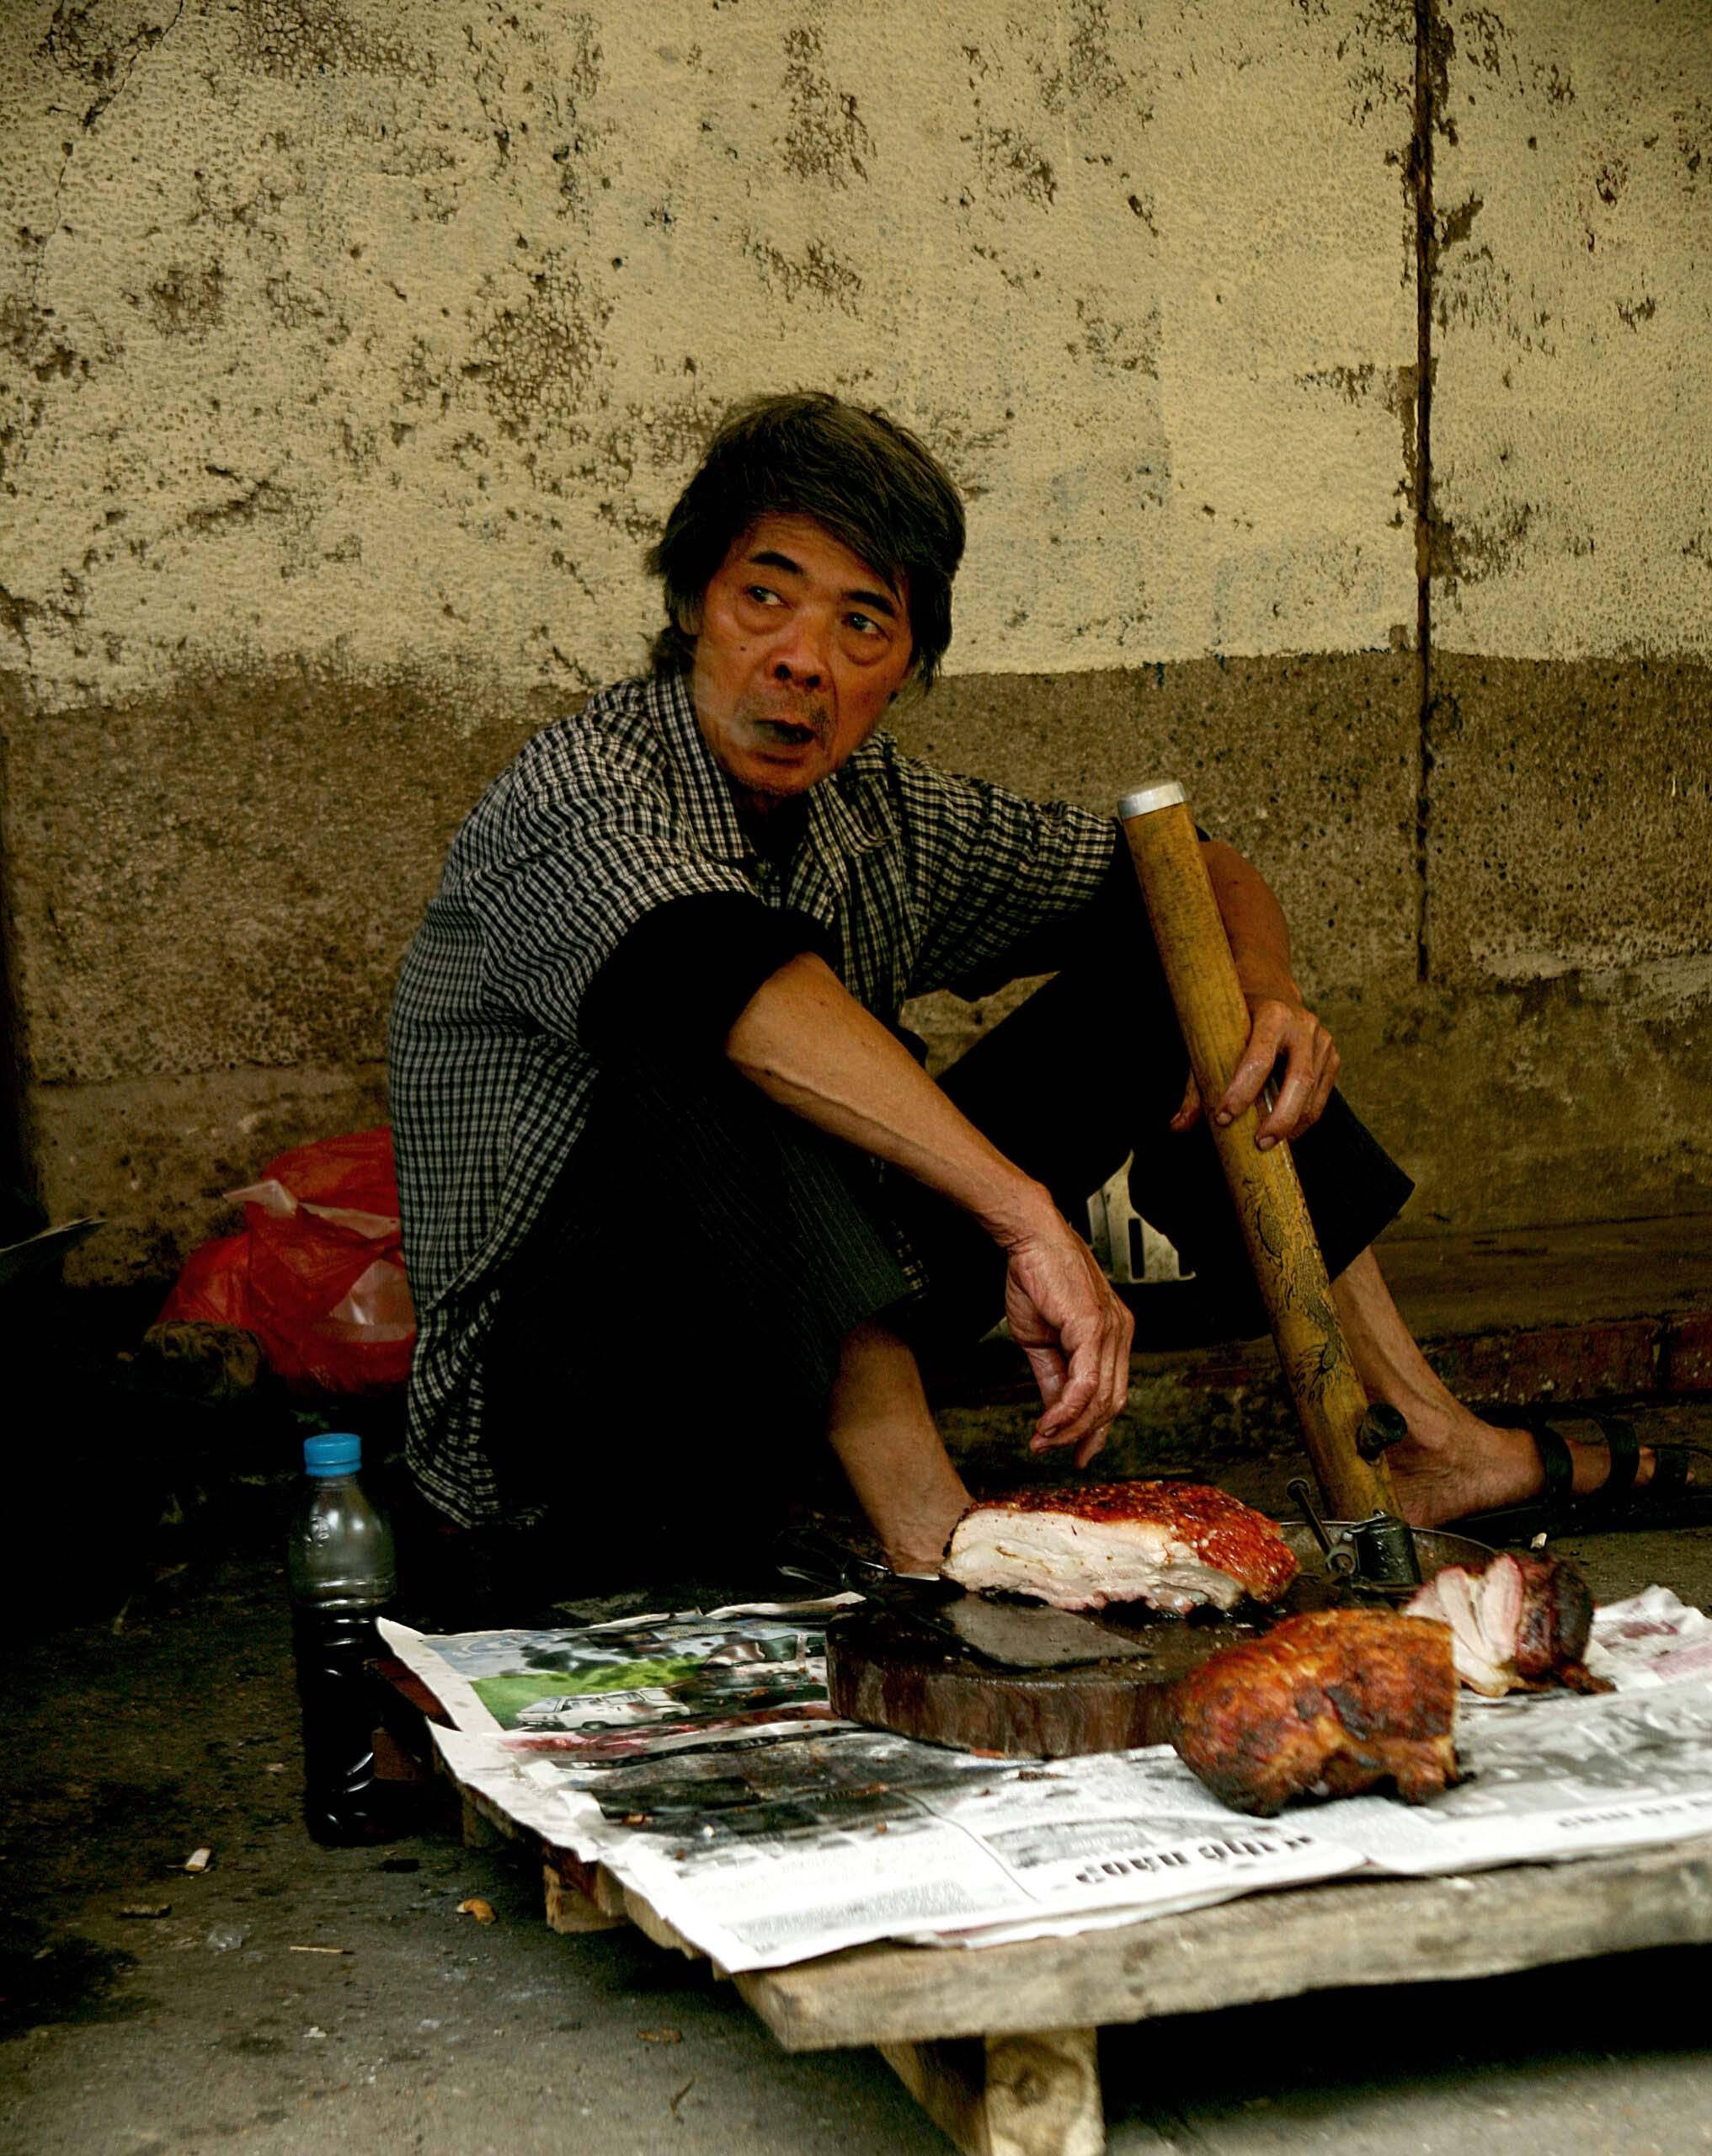 Hanoi Opuim adicted